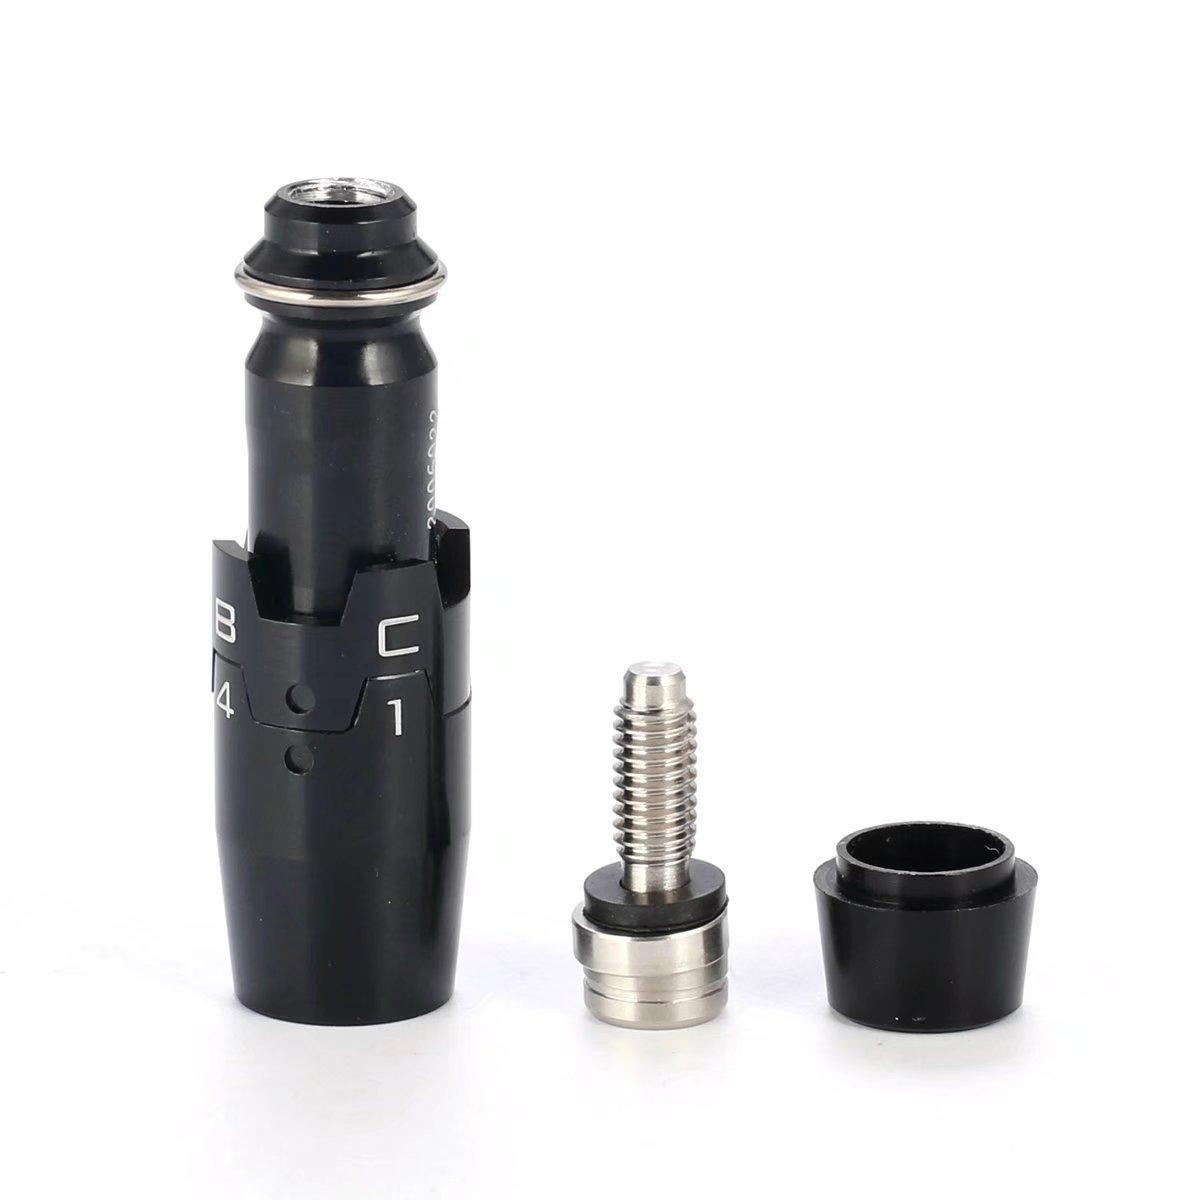 Paddsun New Shaft Adapter Sleeve for Titleist 917F Fits 915F 913F Fairway Wood 0.335 RH/LH